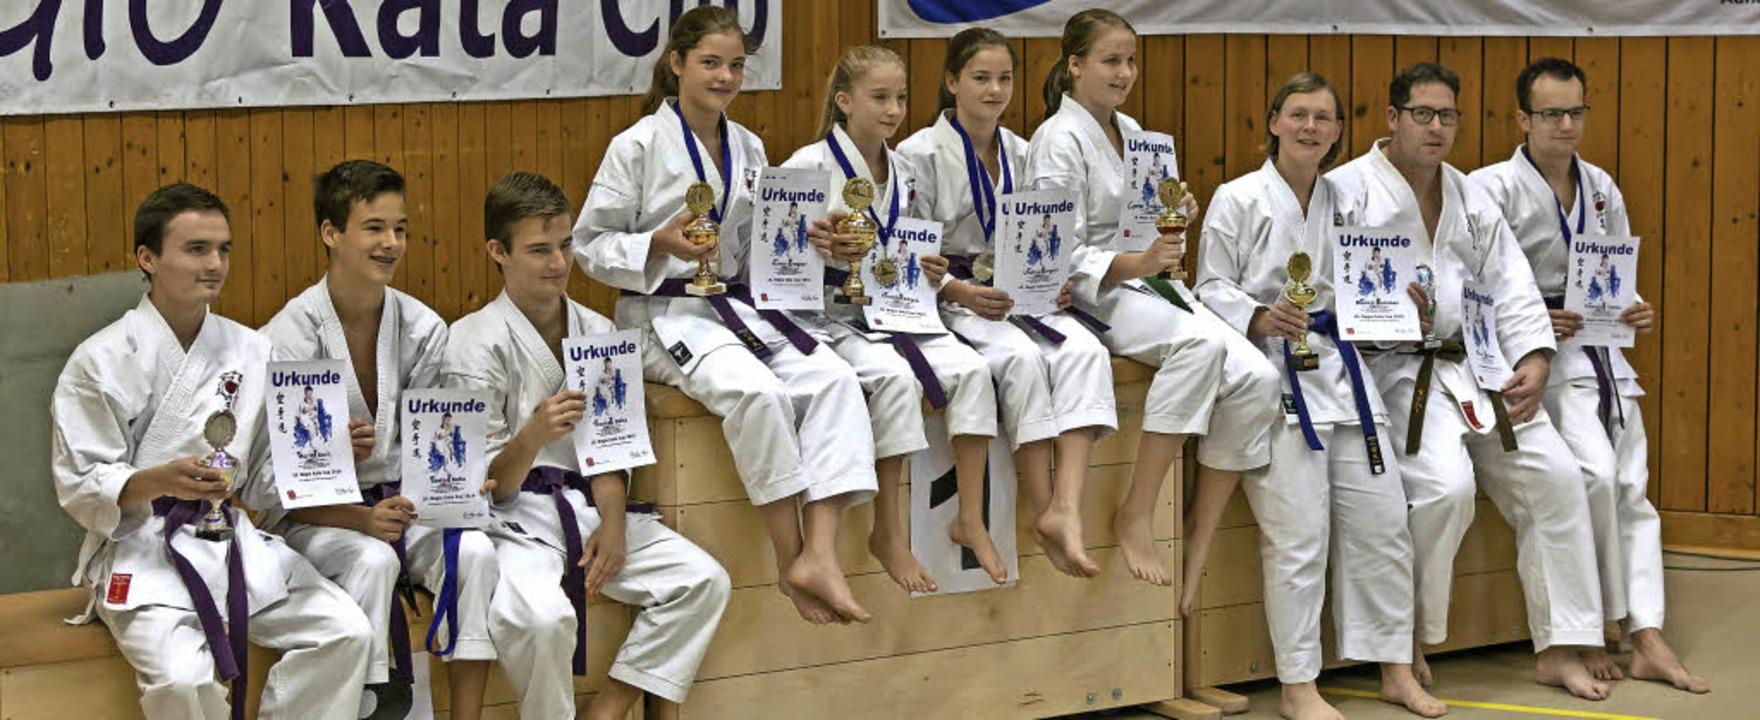 Die erfolgreichen Karatekämpfer des HakuRyuKan Kappel     Foto: UMS